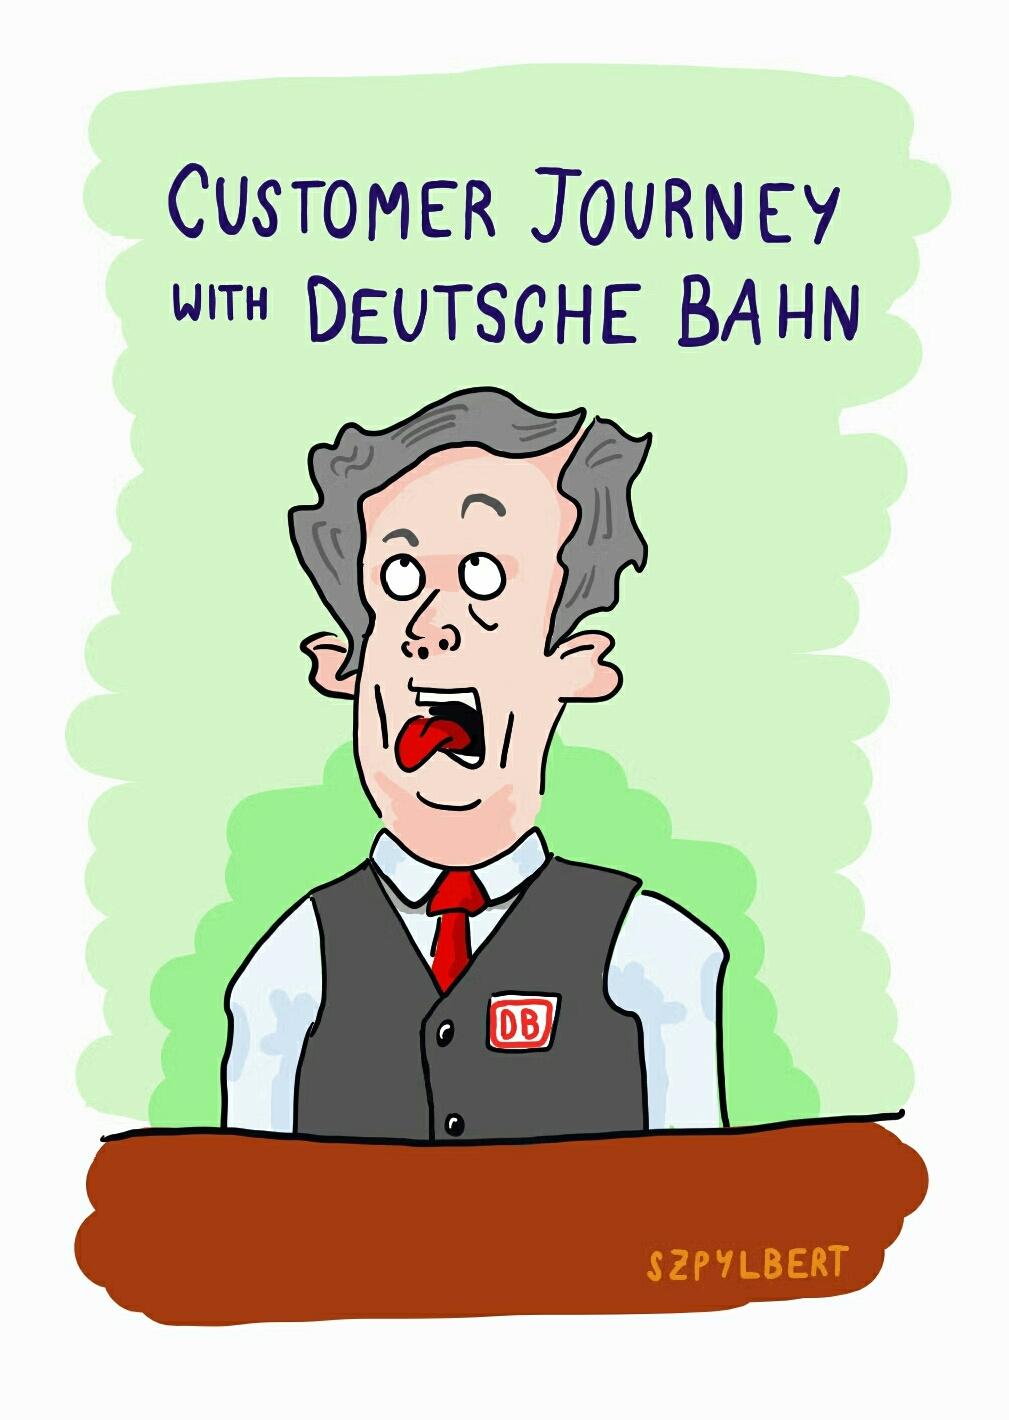 Szpylbert cartoon about customer experience at deutsche bahn